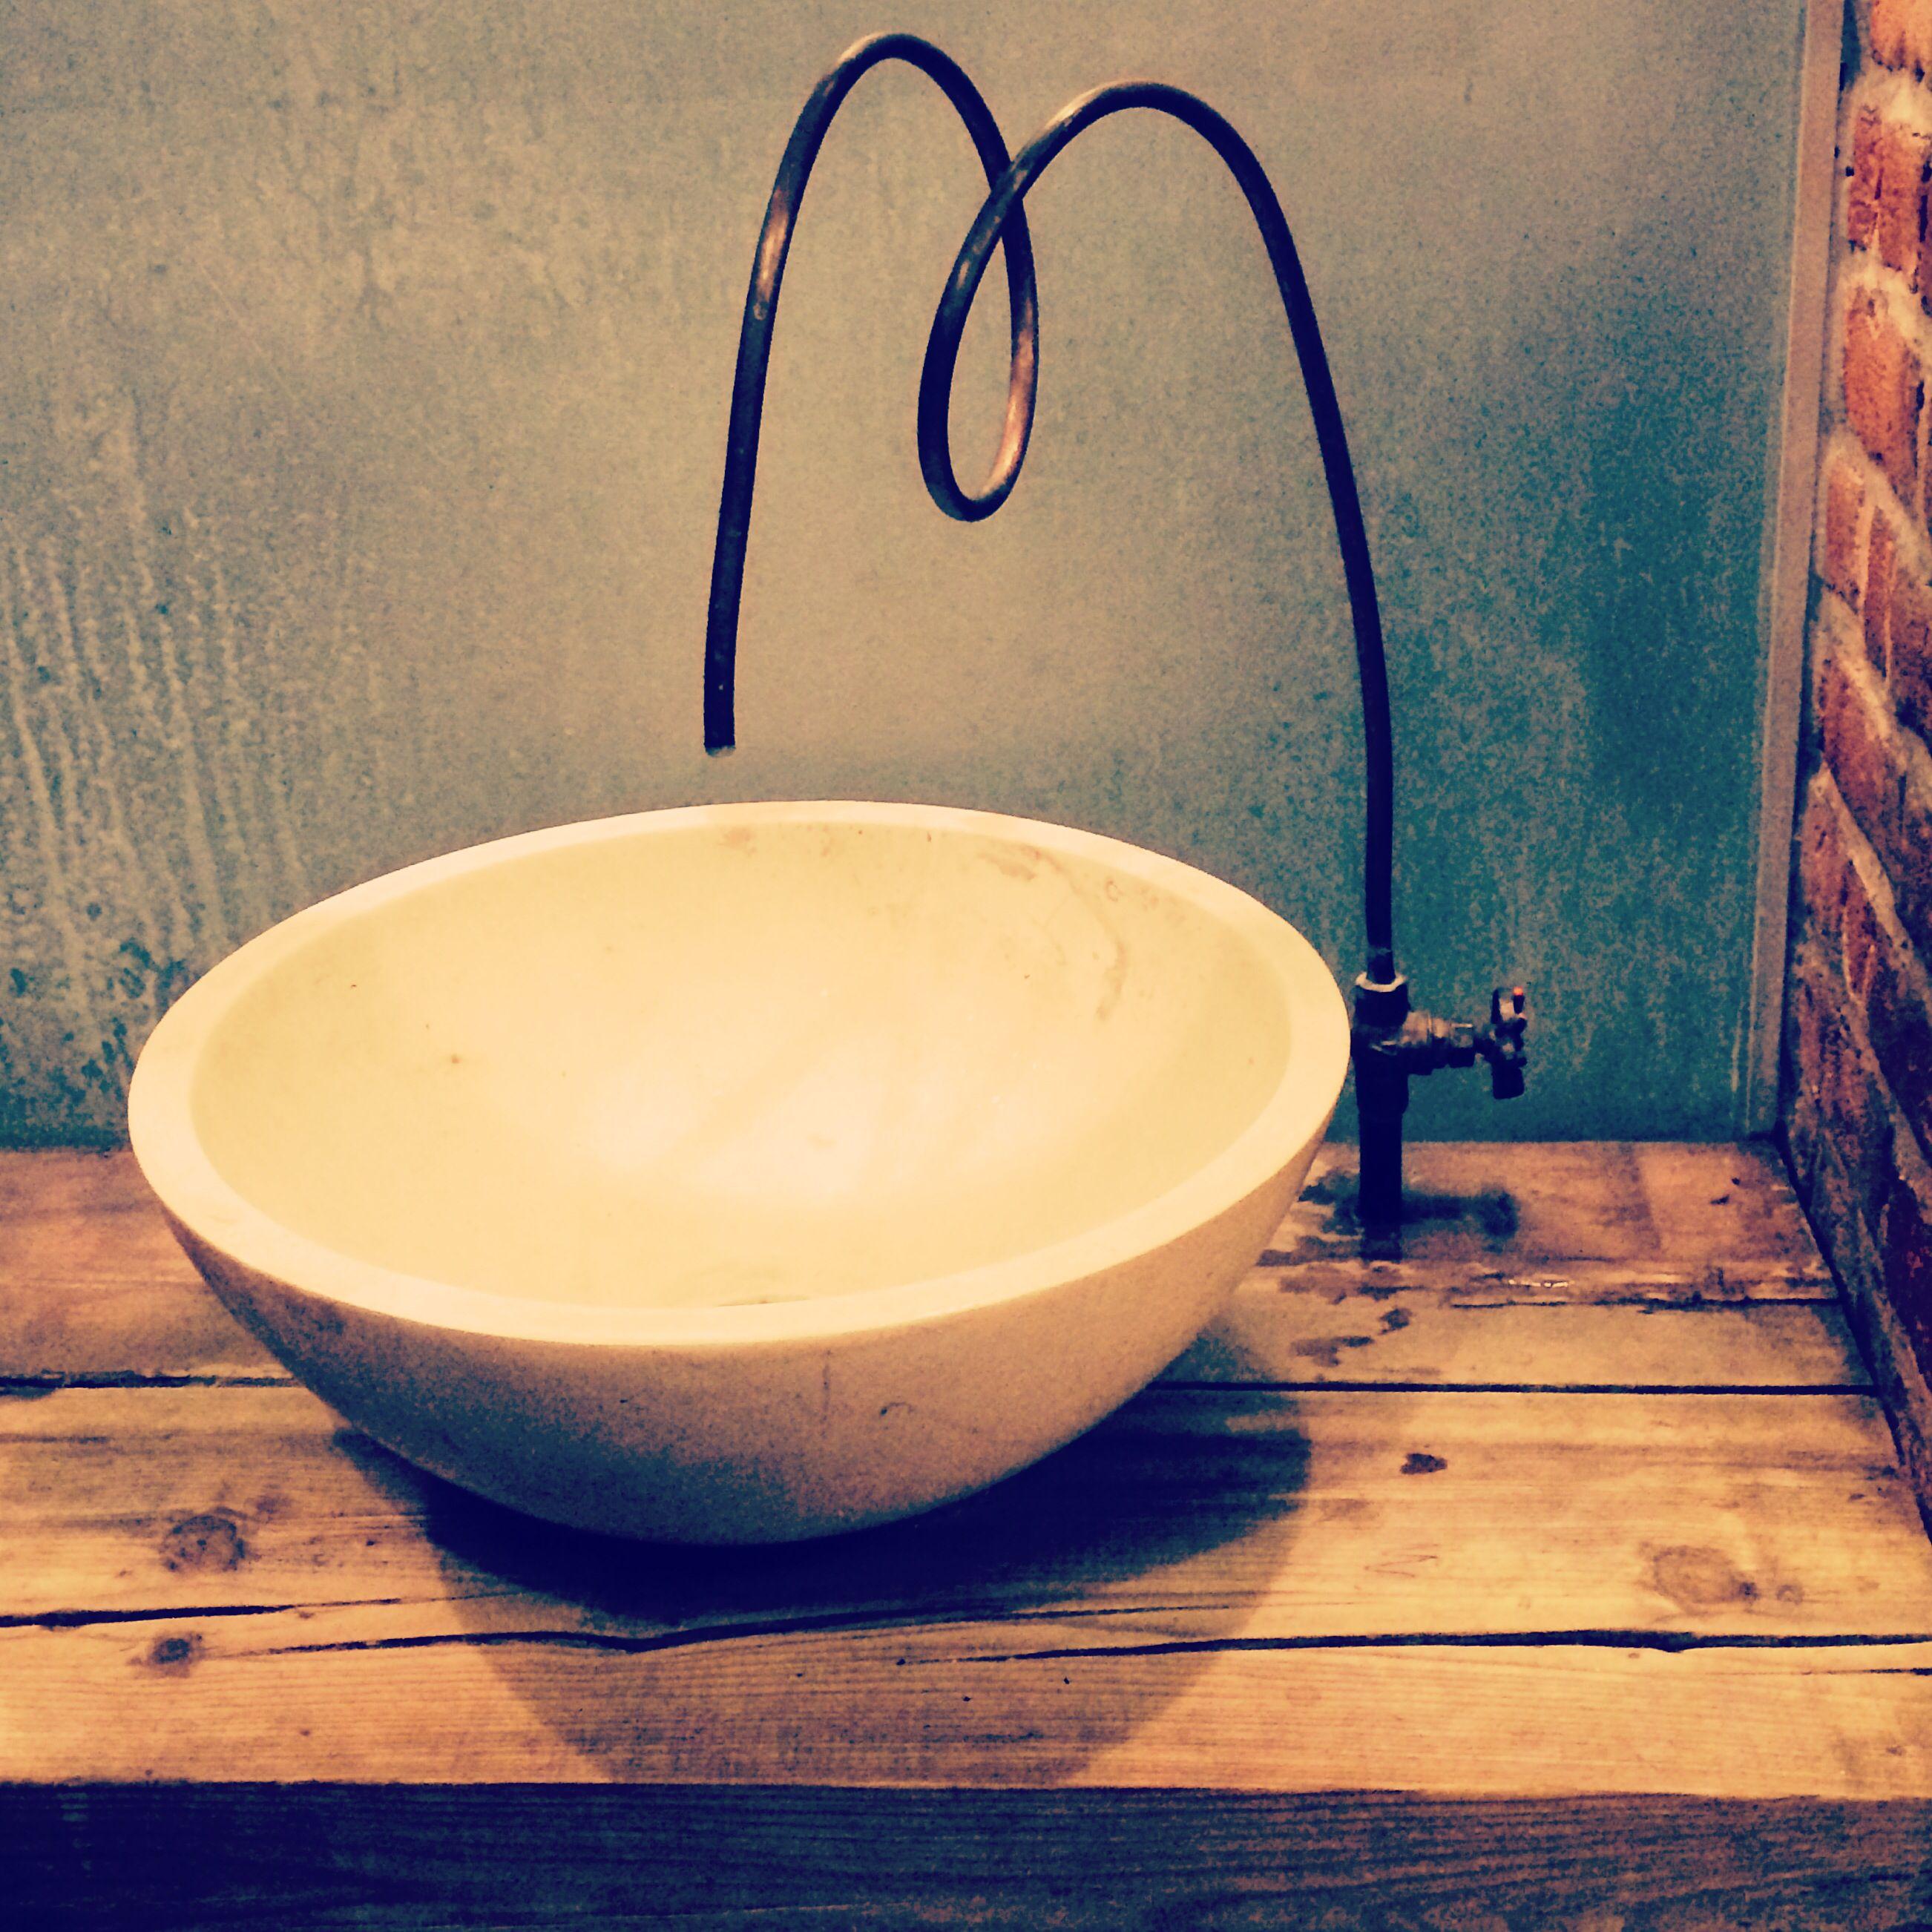 Tuber a de cobre como grifo sencillo y agradable for Grifo para tina bano